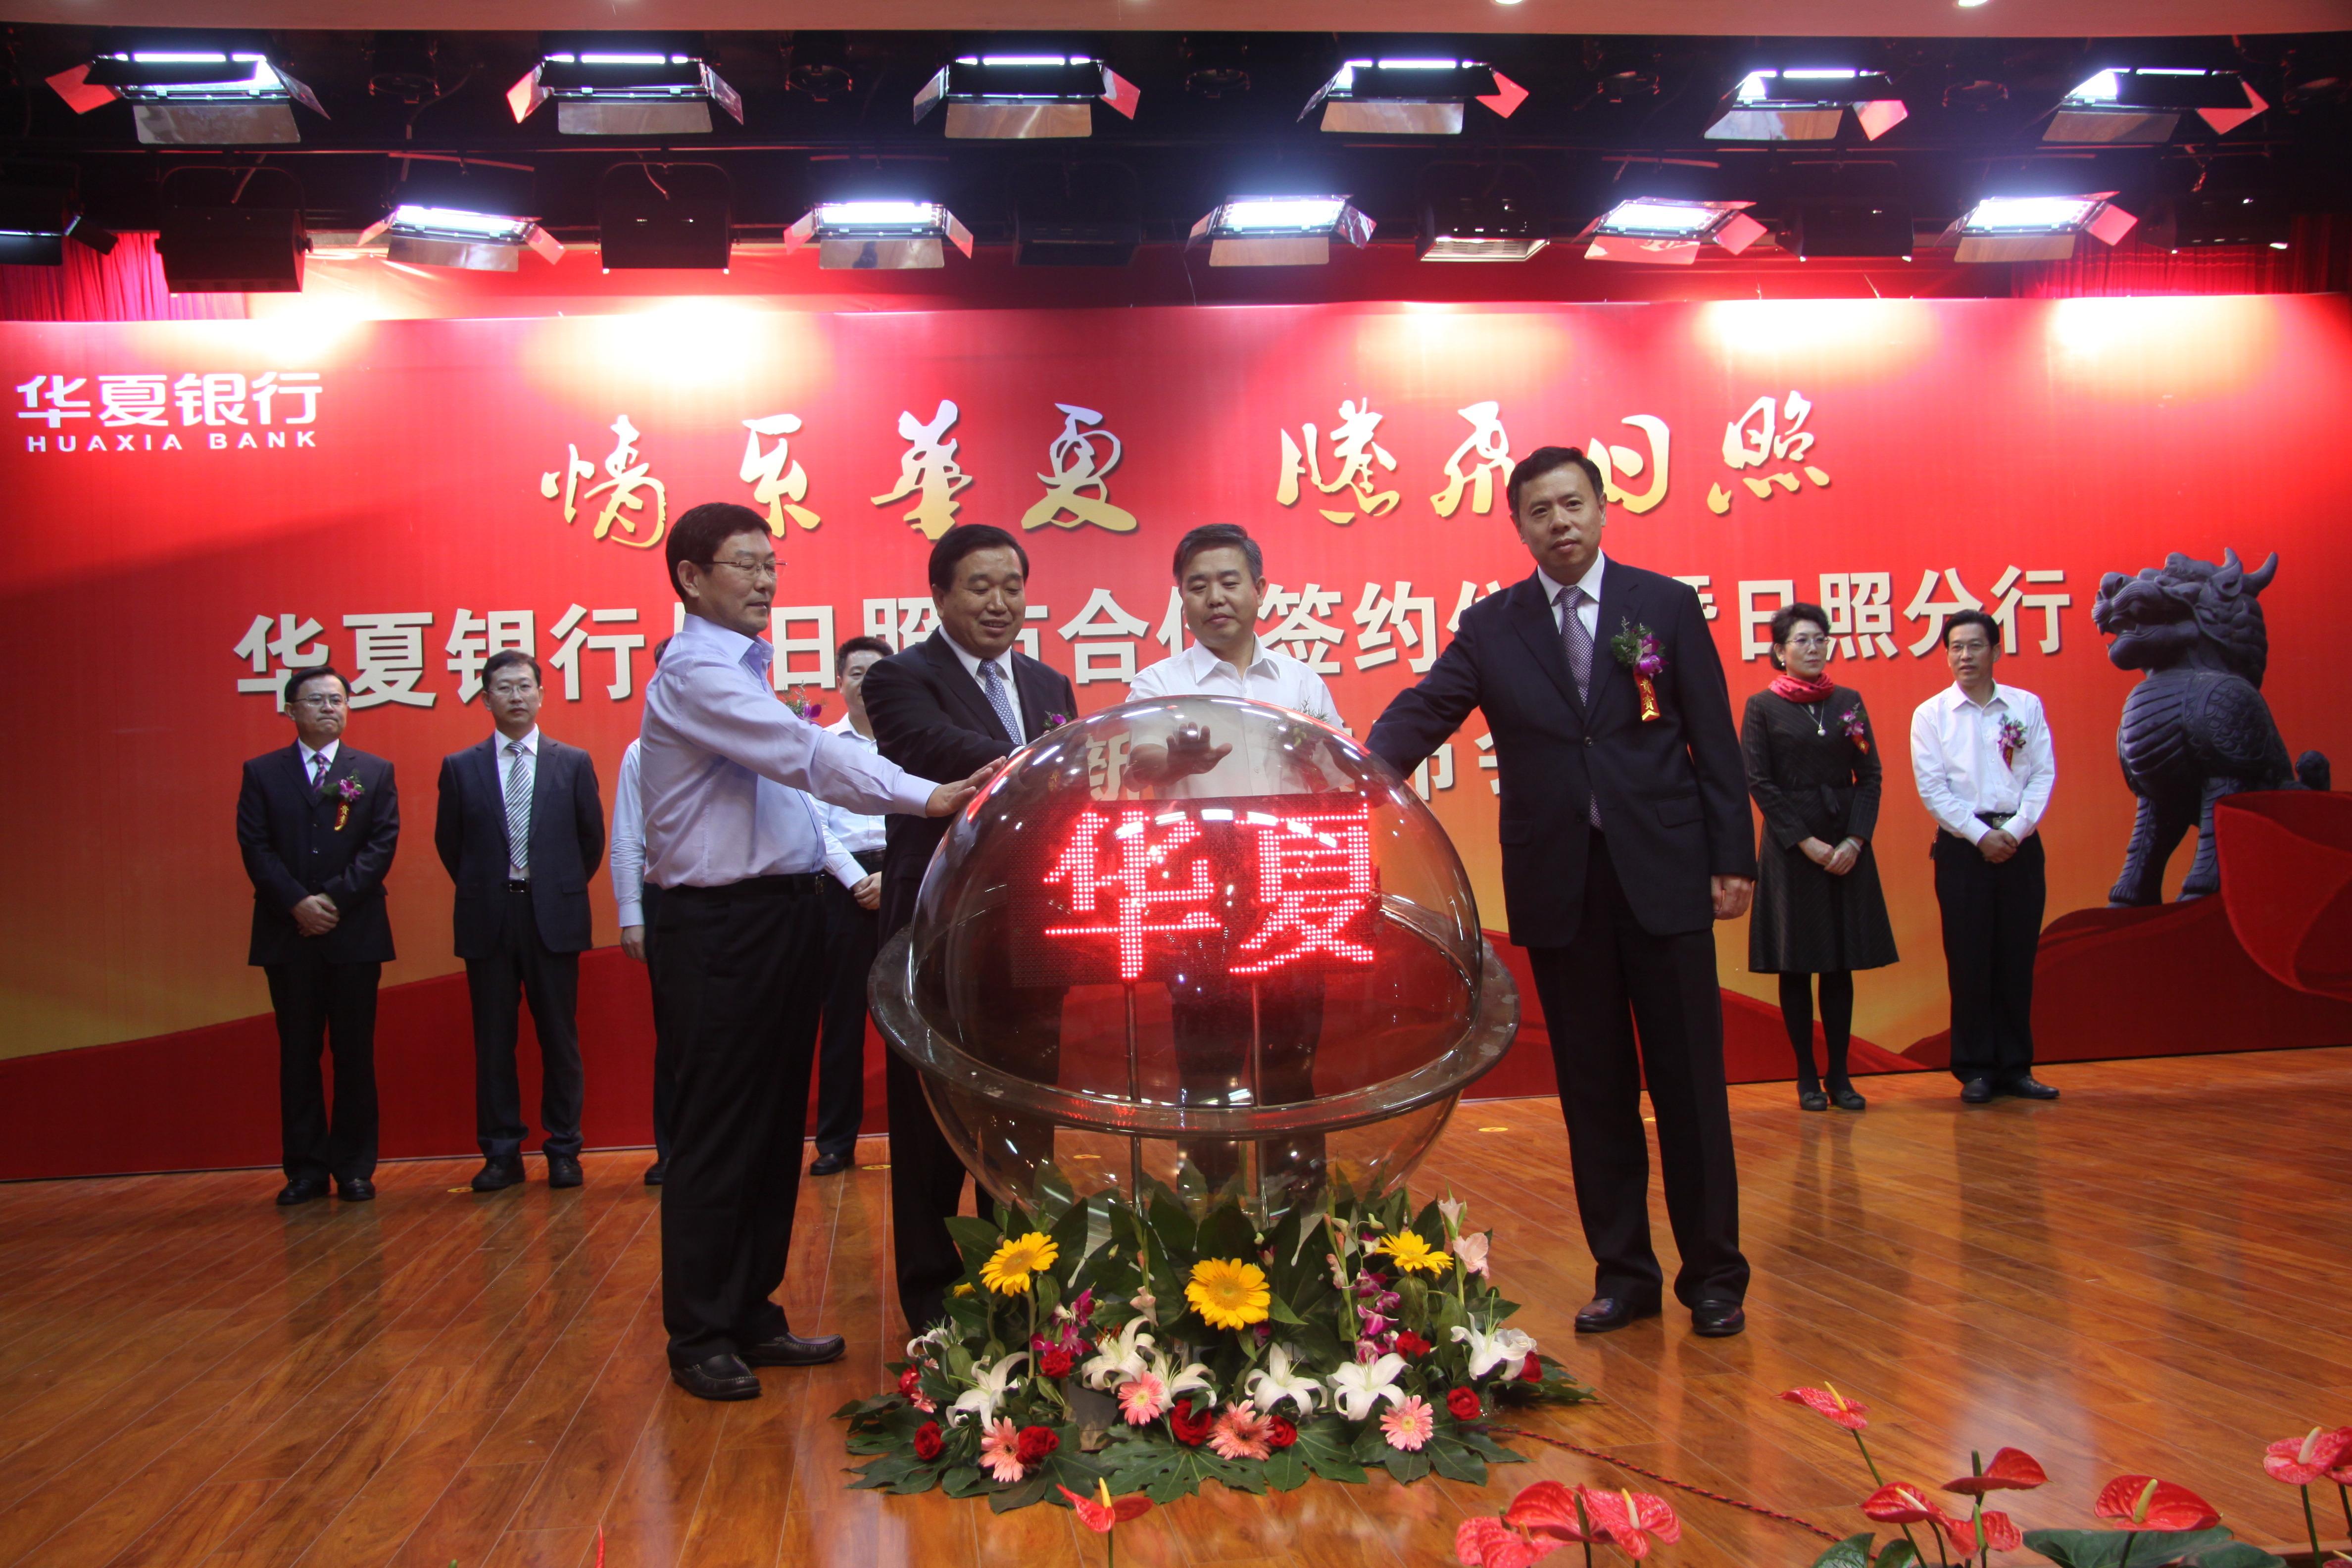 华夏银行正式入驻日照 加大山东战略布局